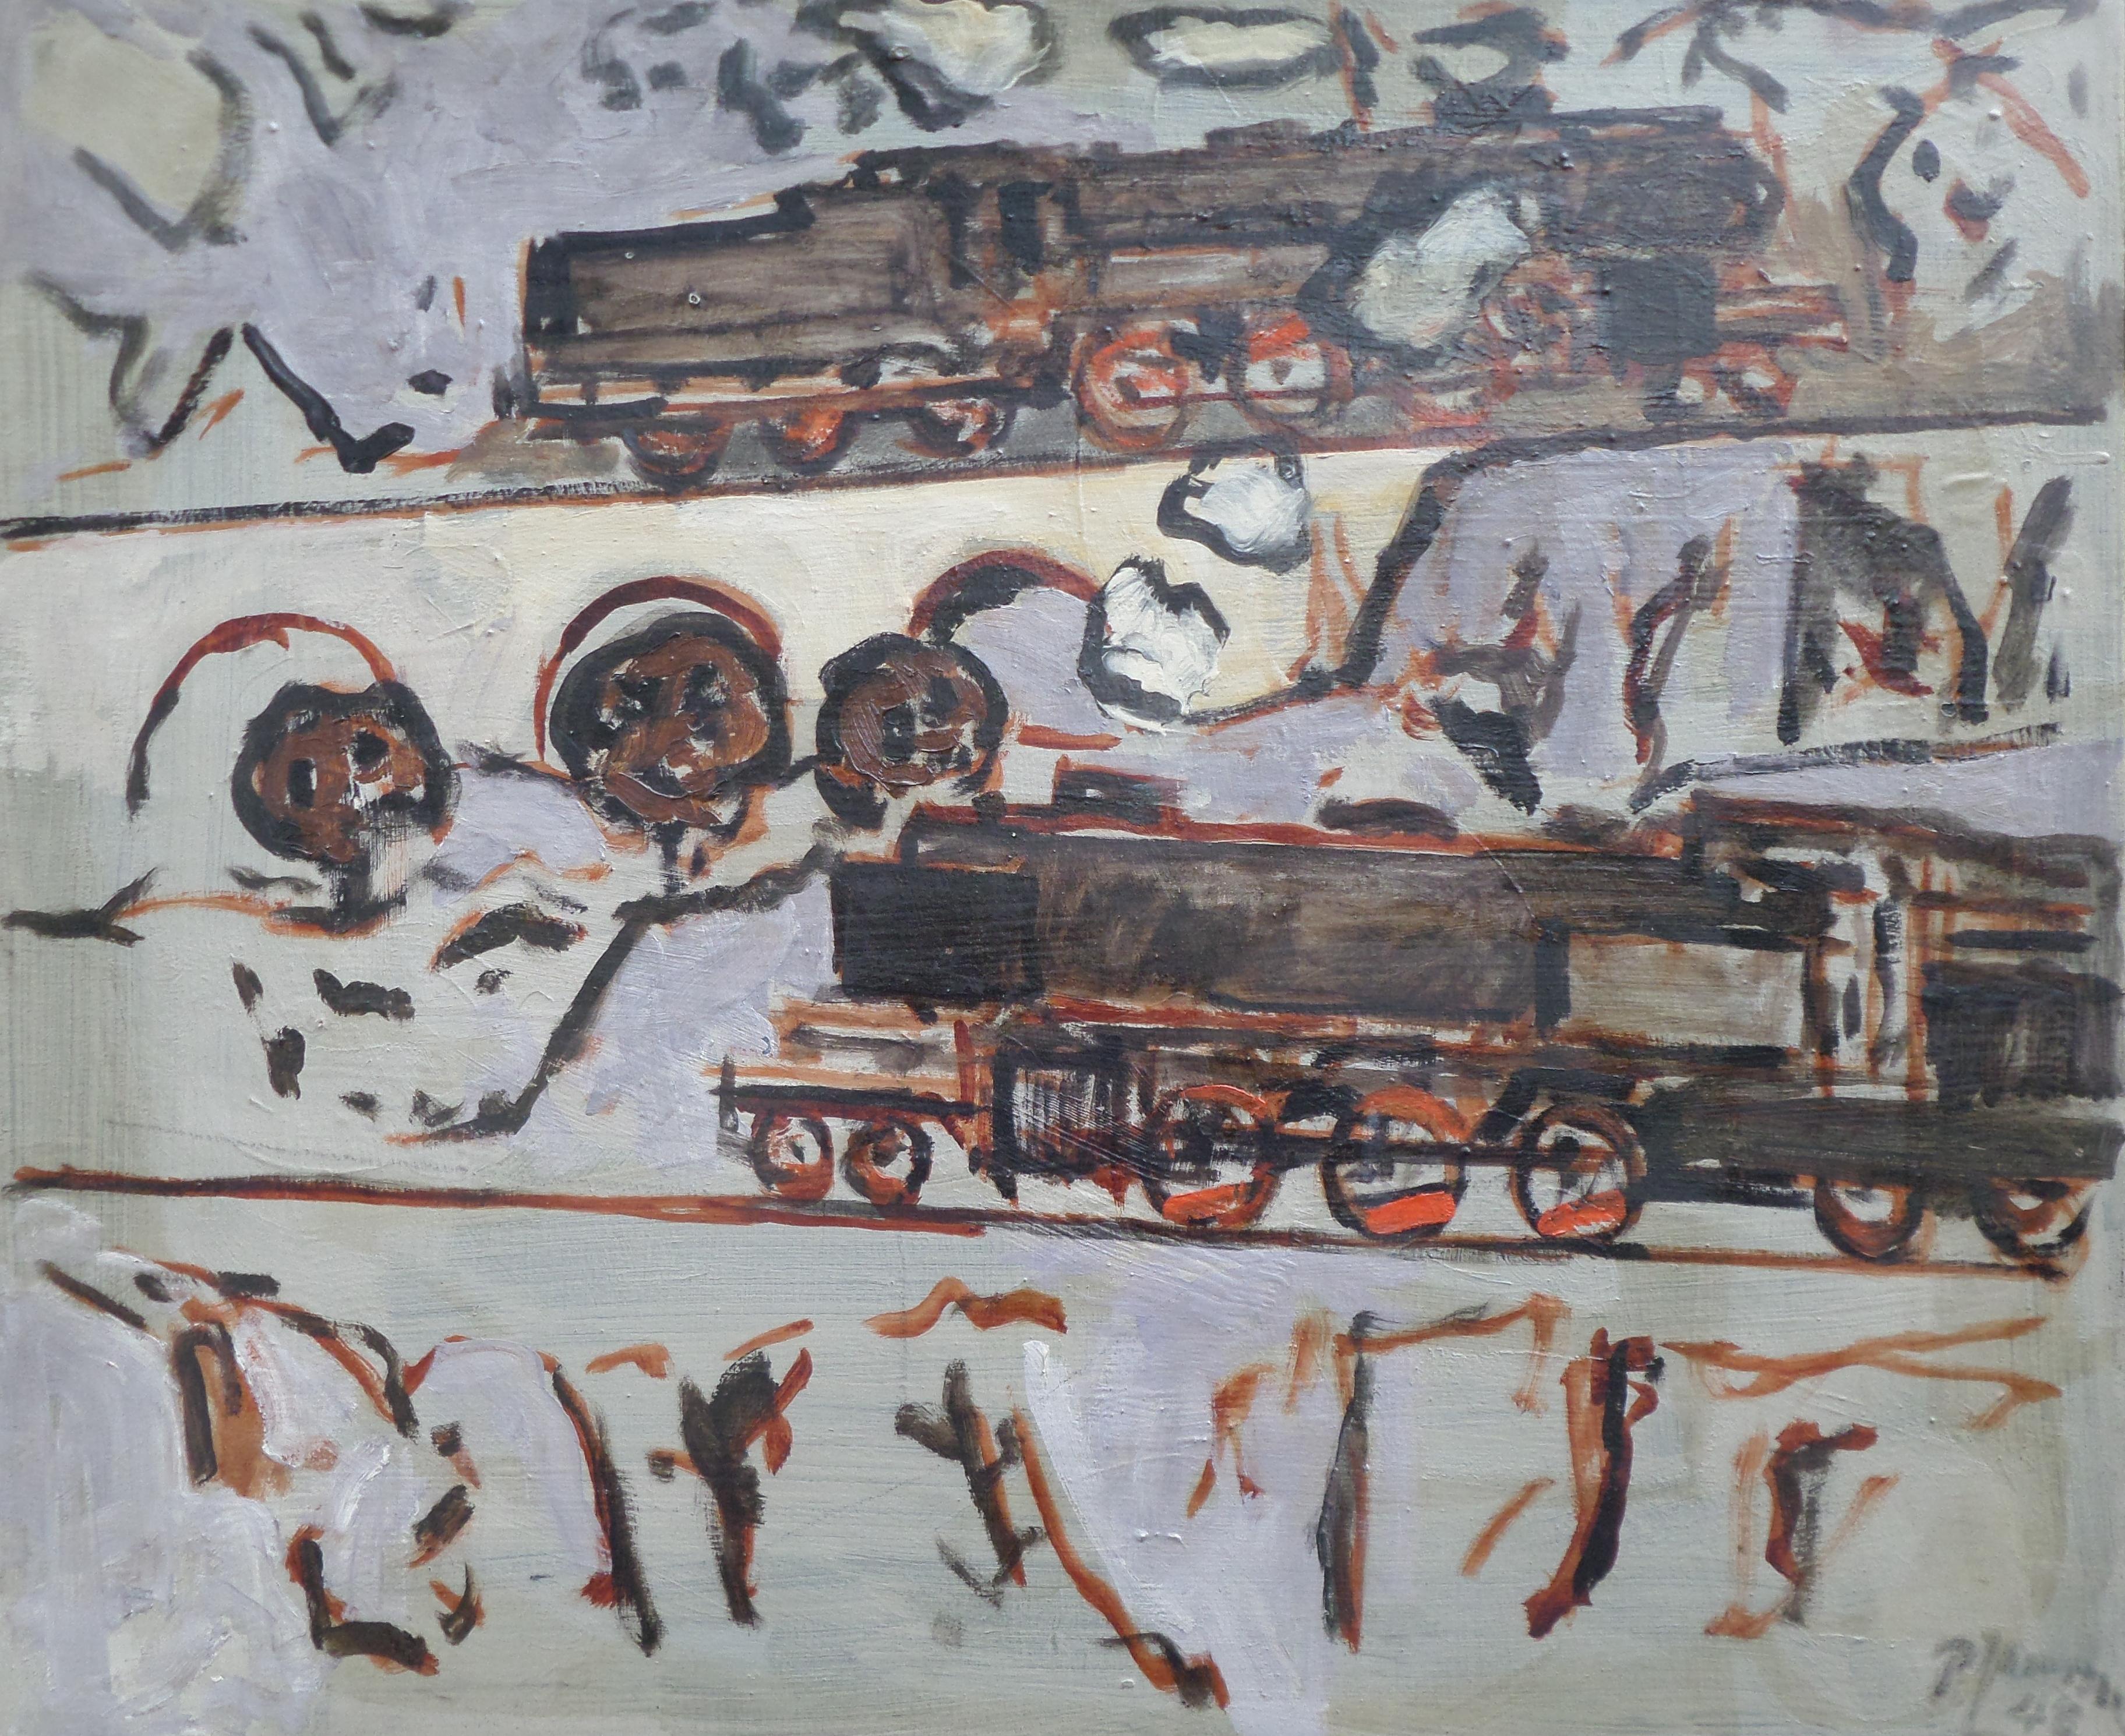 2 Lokomotiven, für vergrößerte Ansicht bitte anklicken!